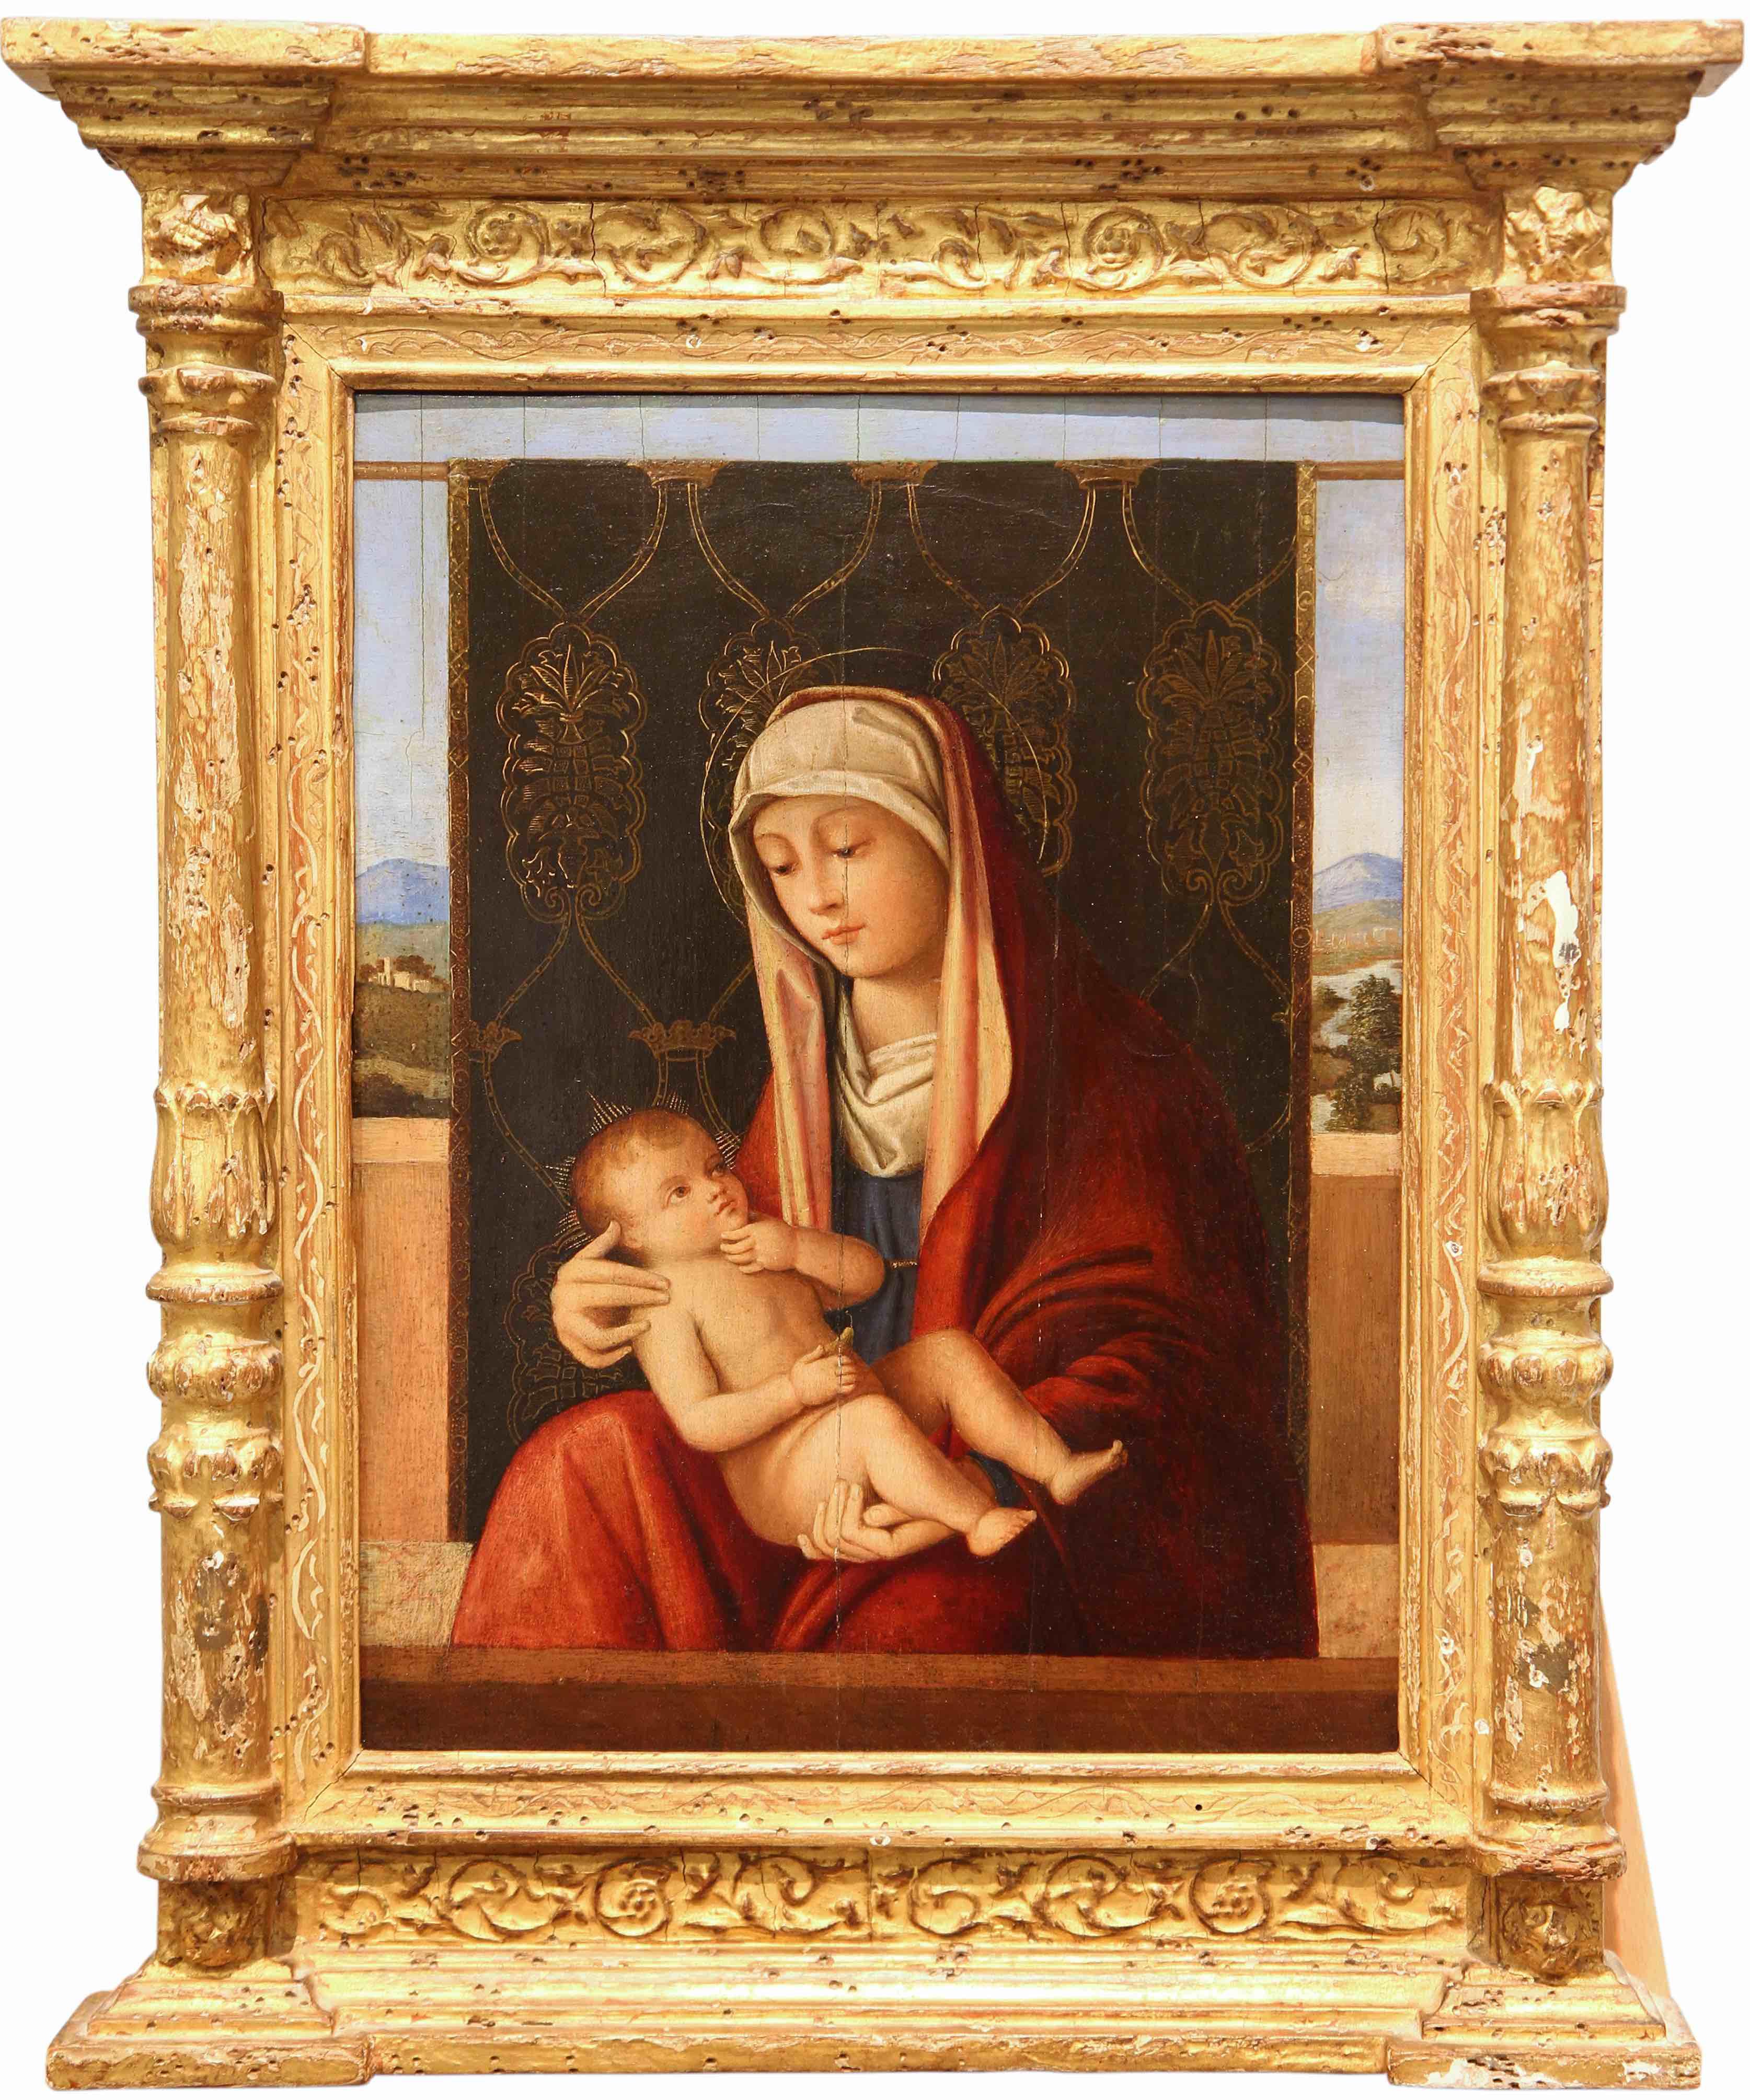 Francesco Bellini (dans le goût), La Vierge à l'Enfant devant un drap brodé et fond de paysage, image ©Rossini